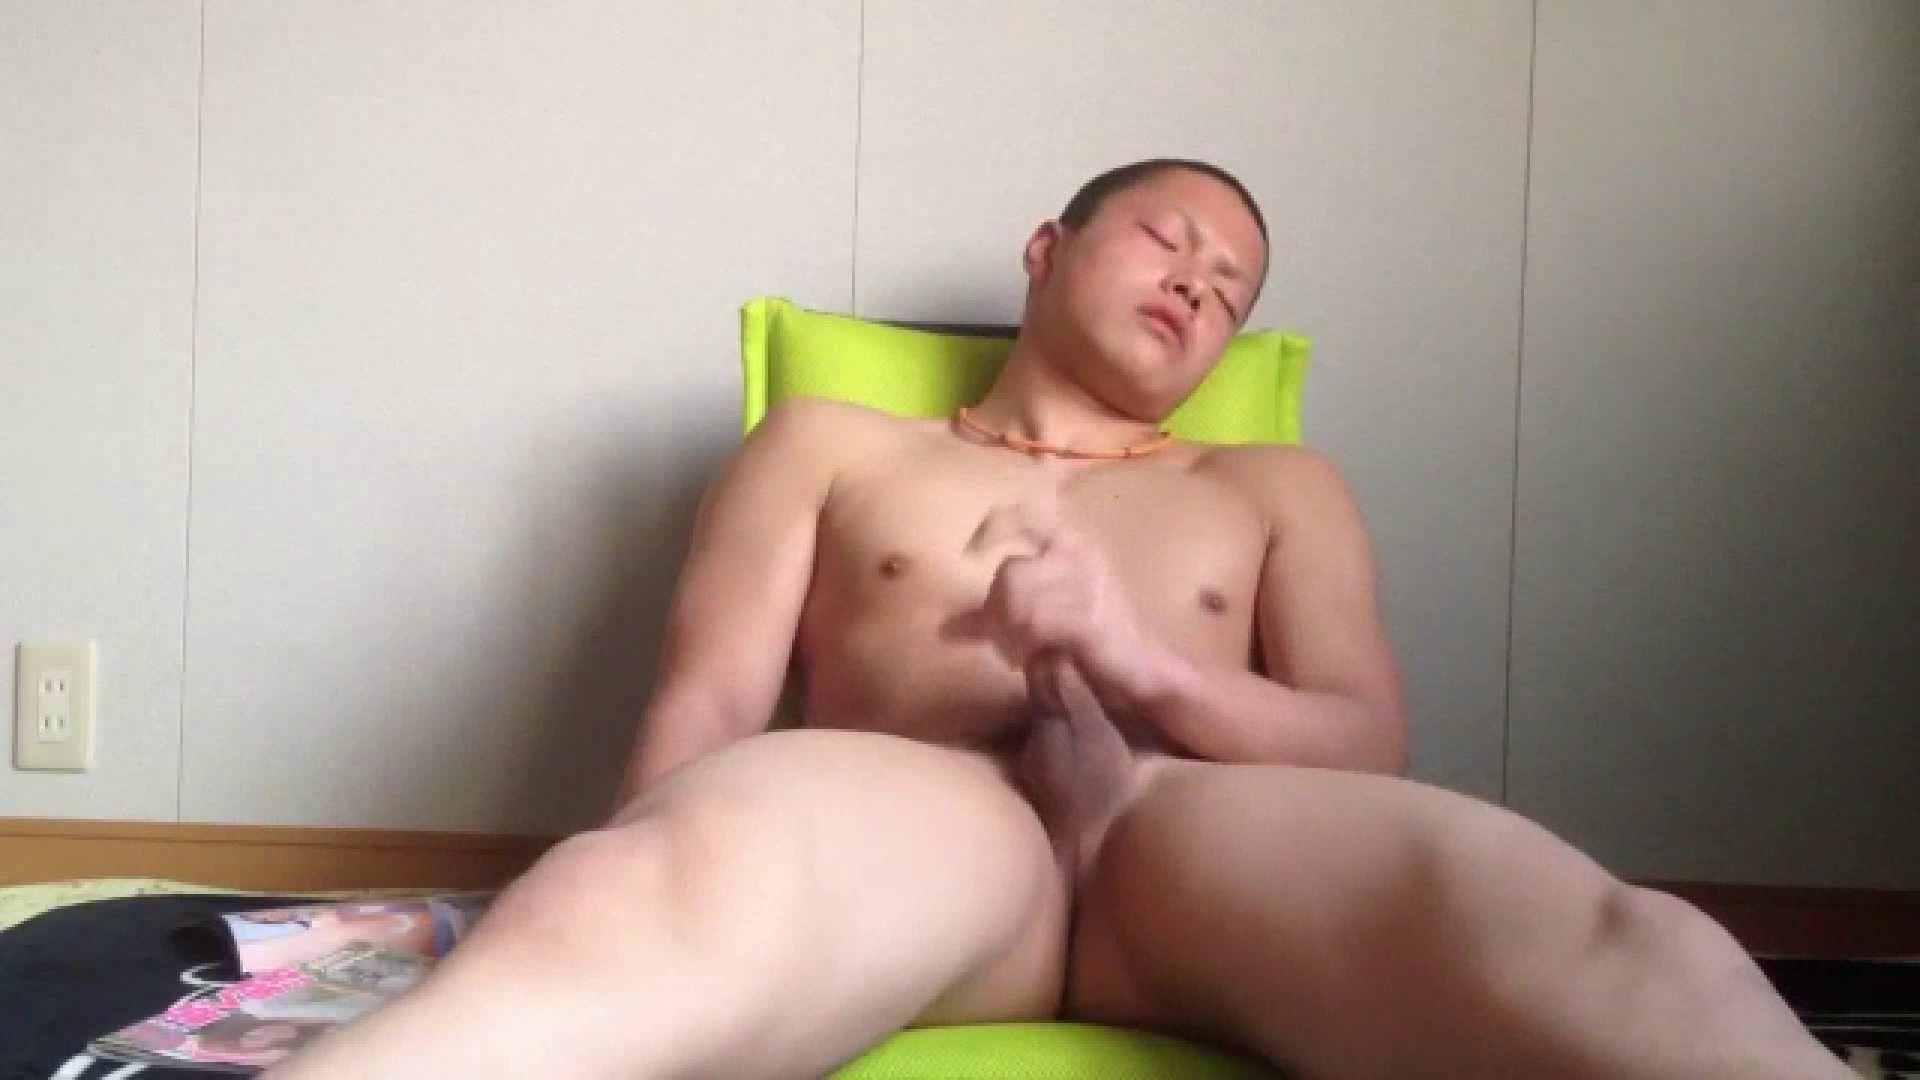 俺の新鮮なミルクはいかが? Vol.11 男天国 | オナニー特集  83pic 52